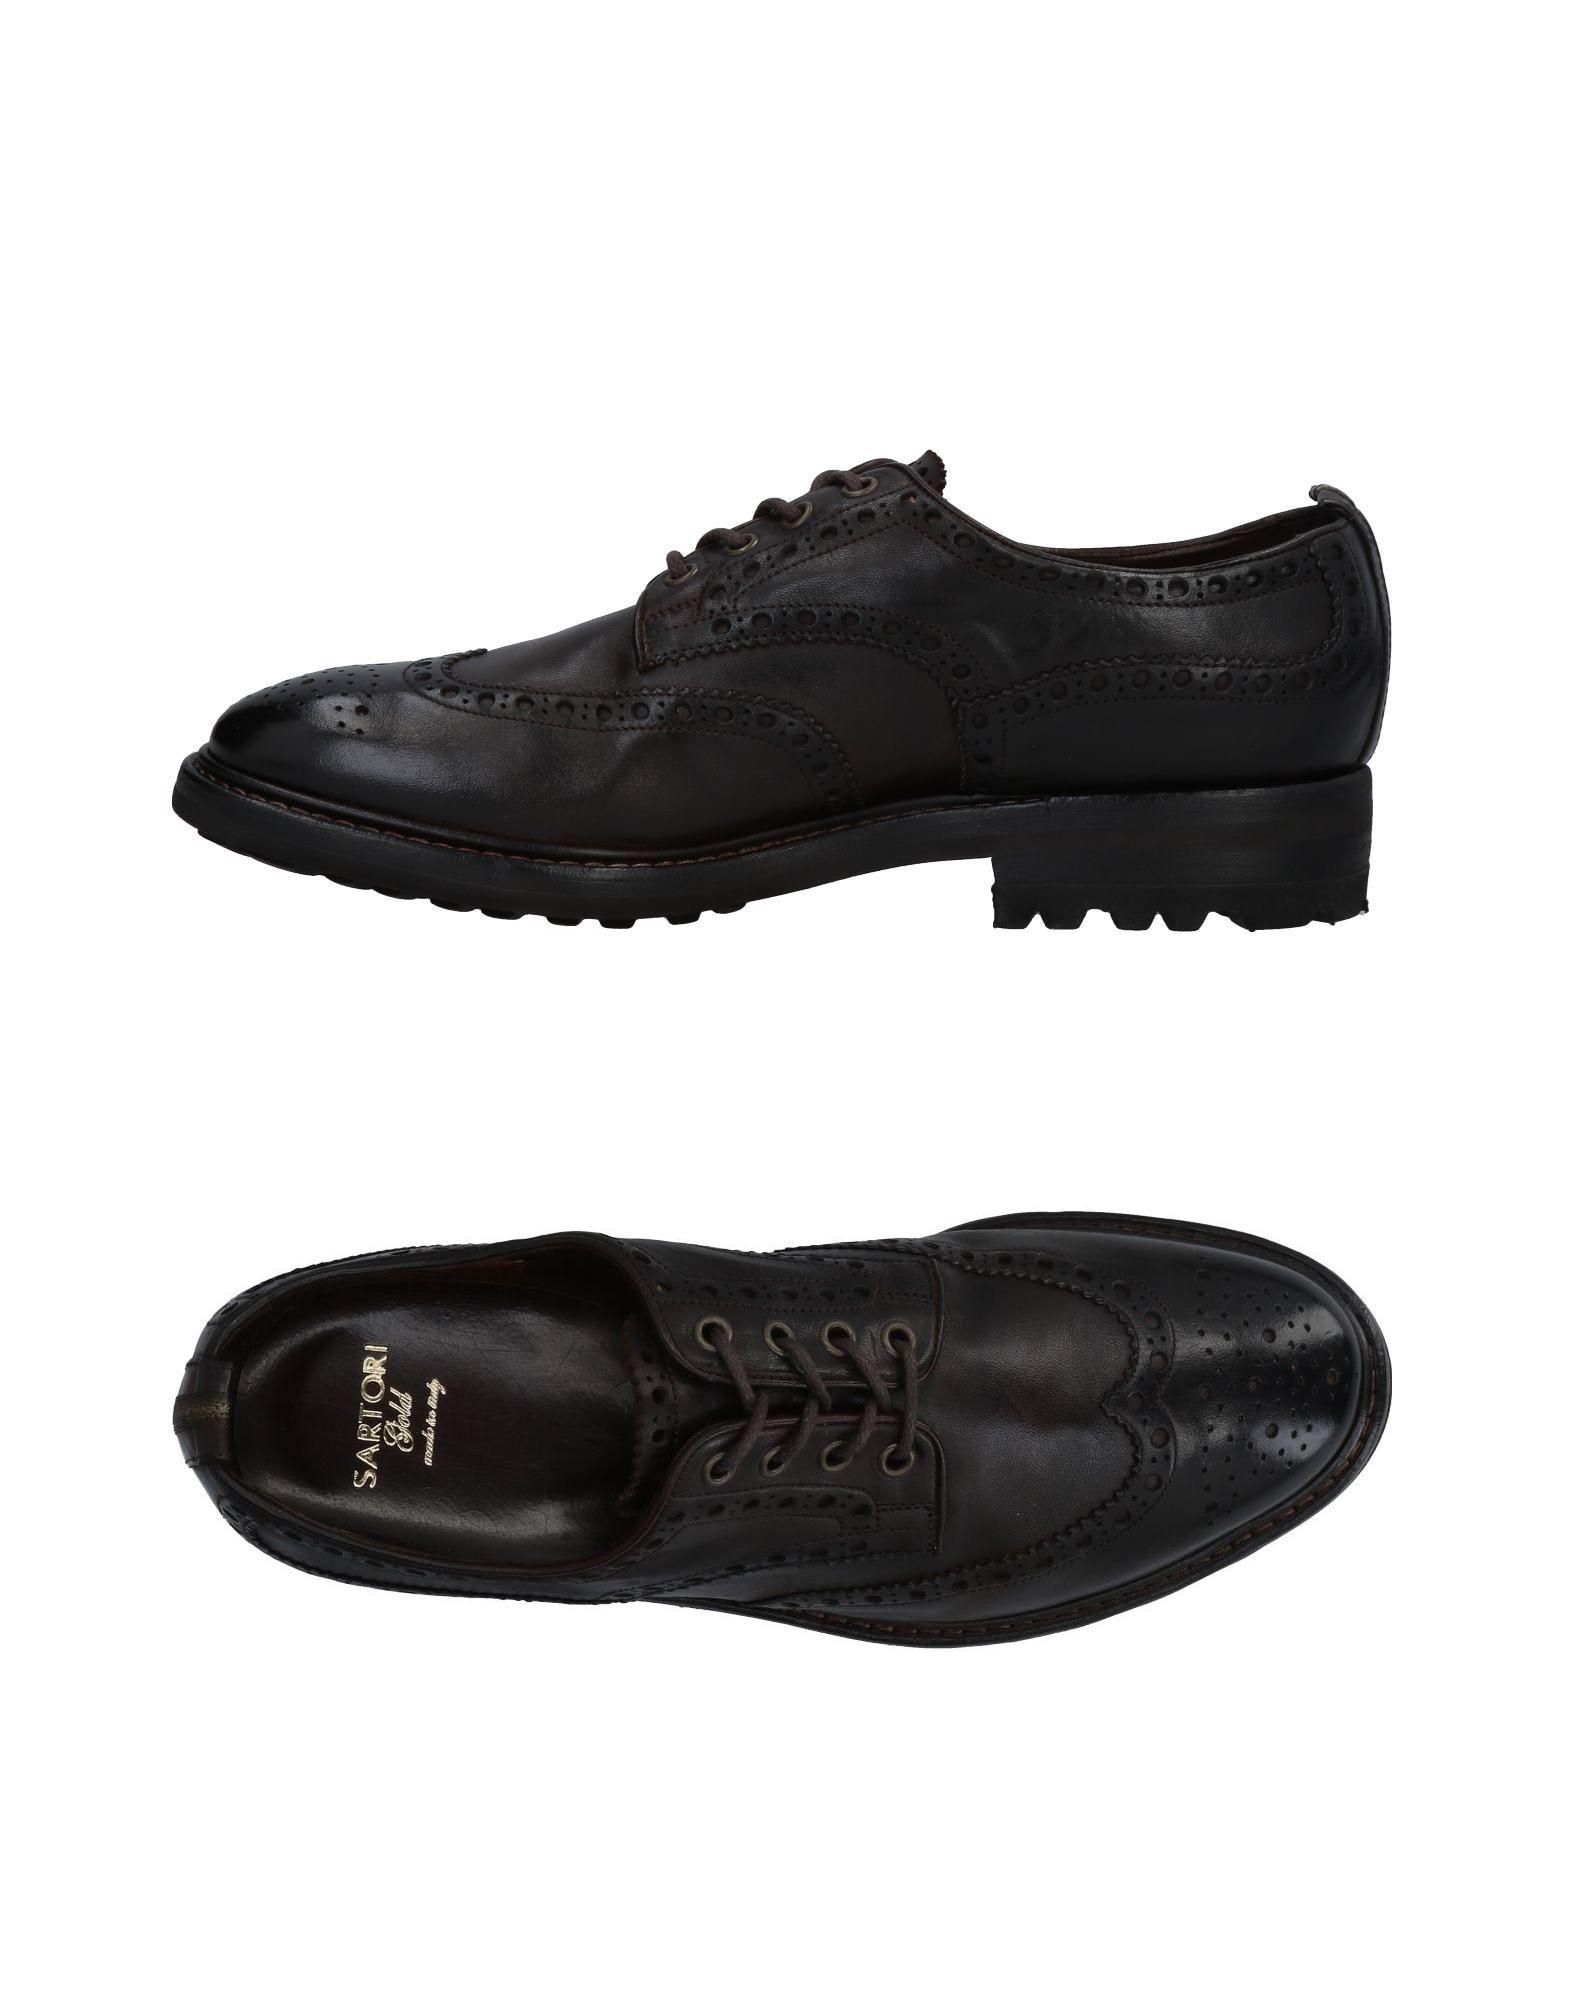 Sartori Gold Schnürschuhe Herren  11479324WP Gute Qualität beliebte Schuhe